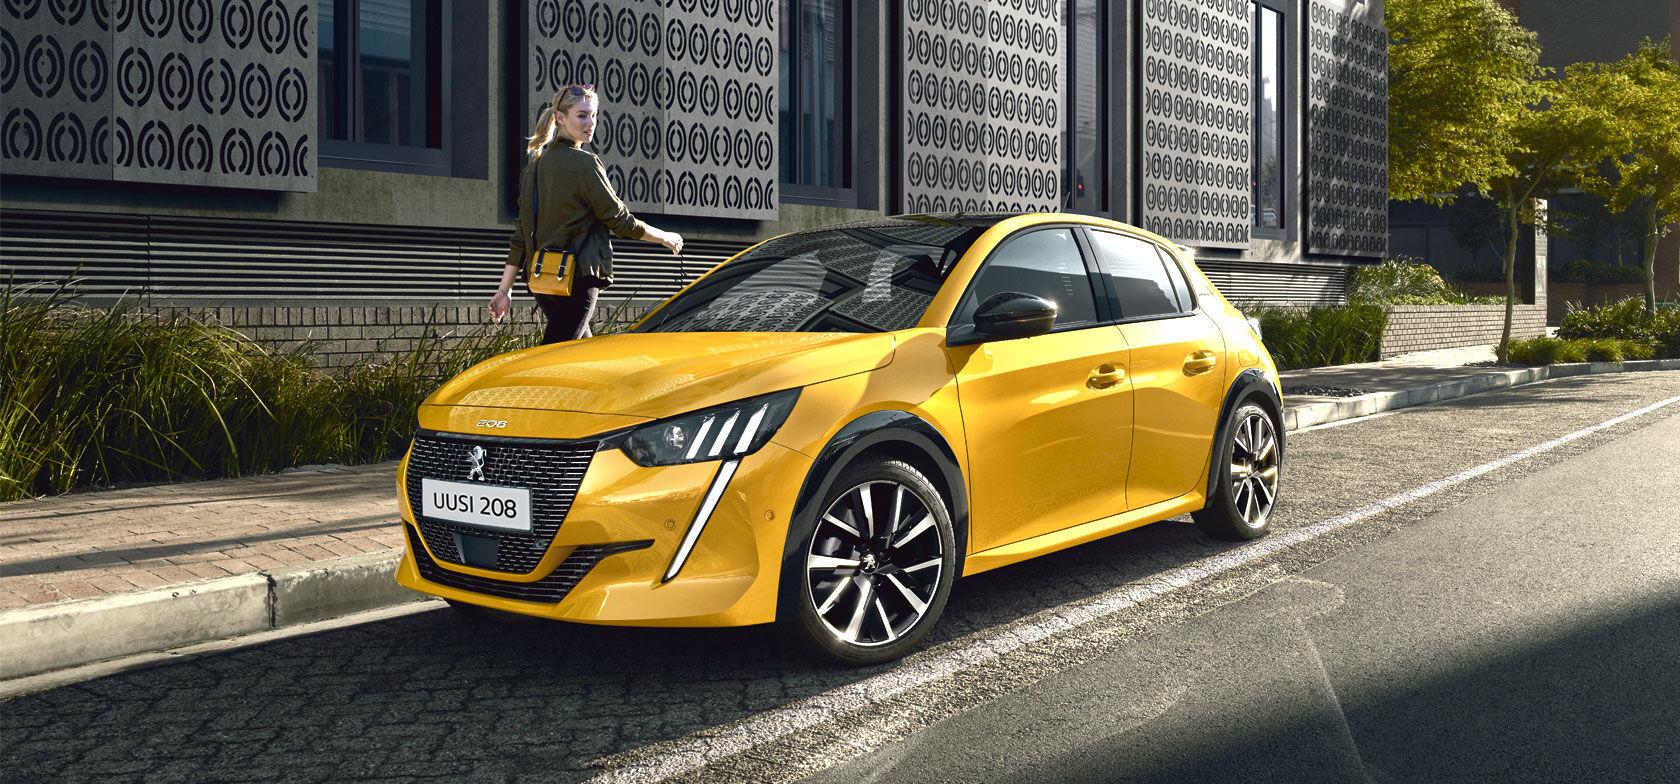 Vuoden auto Euroopassa 2020 –uusi Peugeot 208 nyt esittelyssä